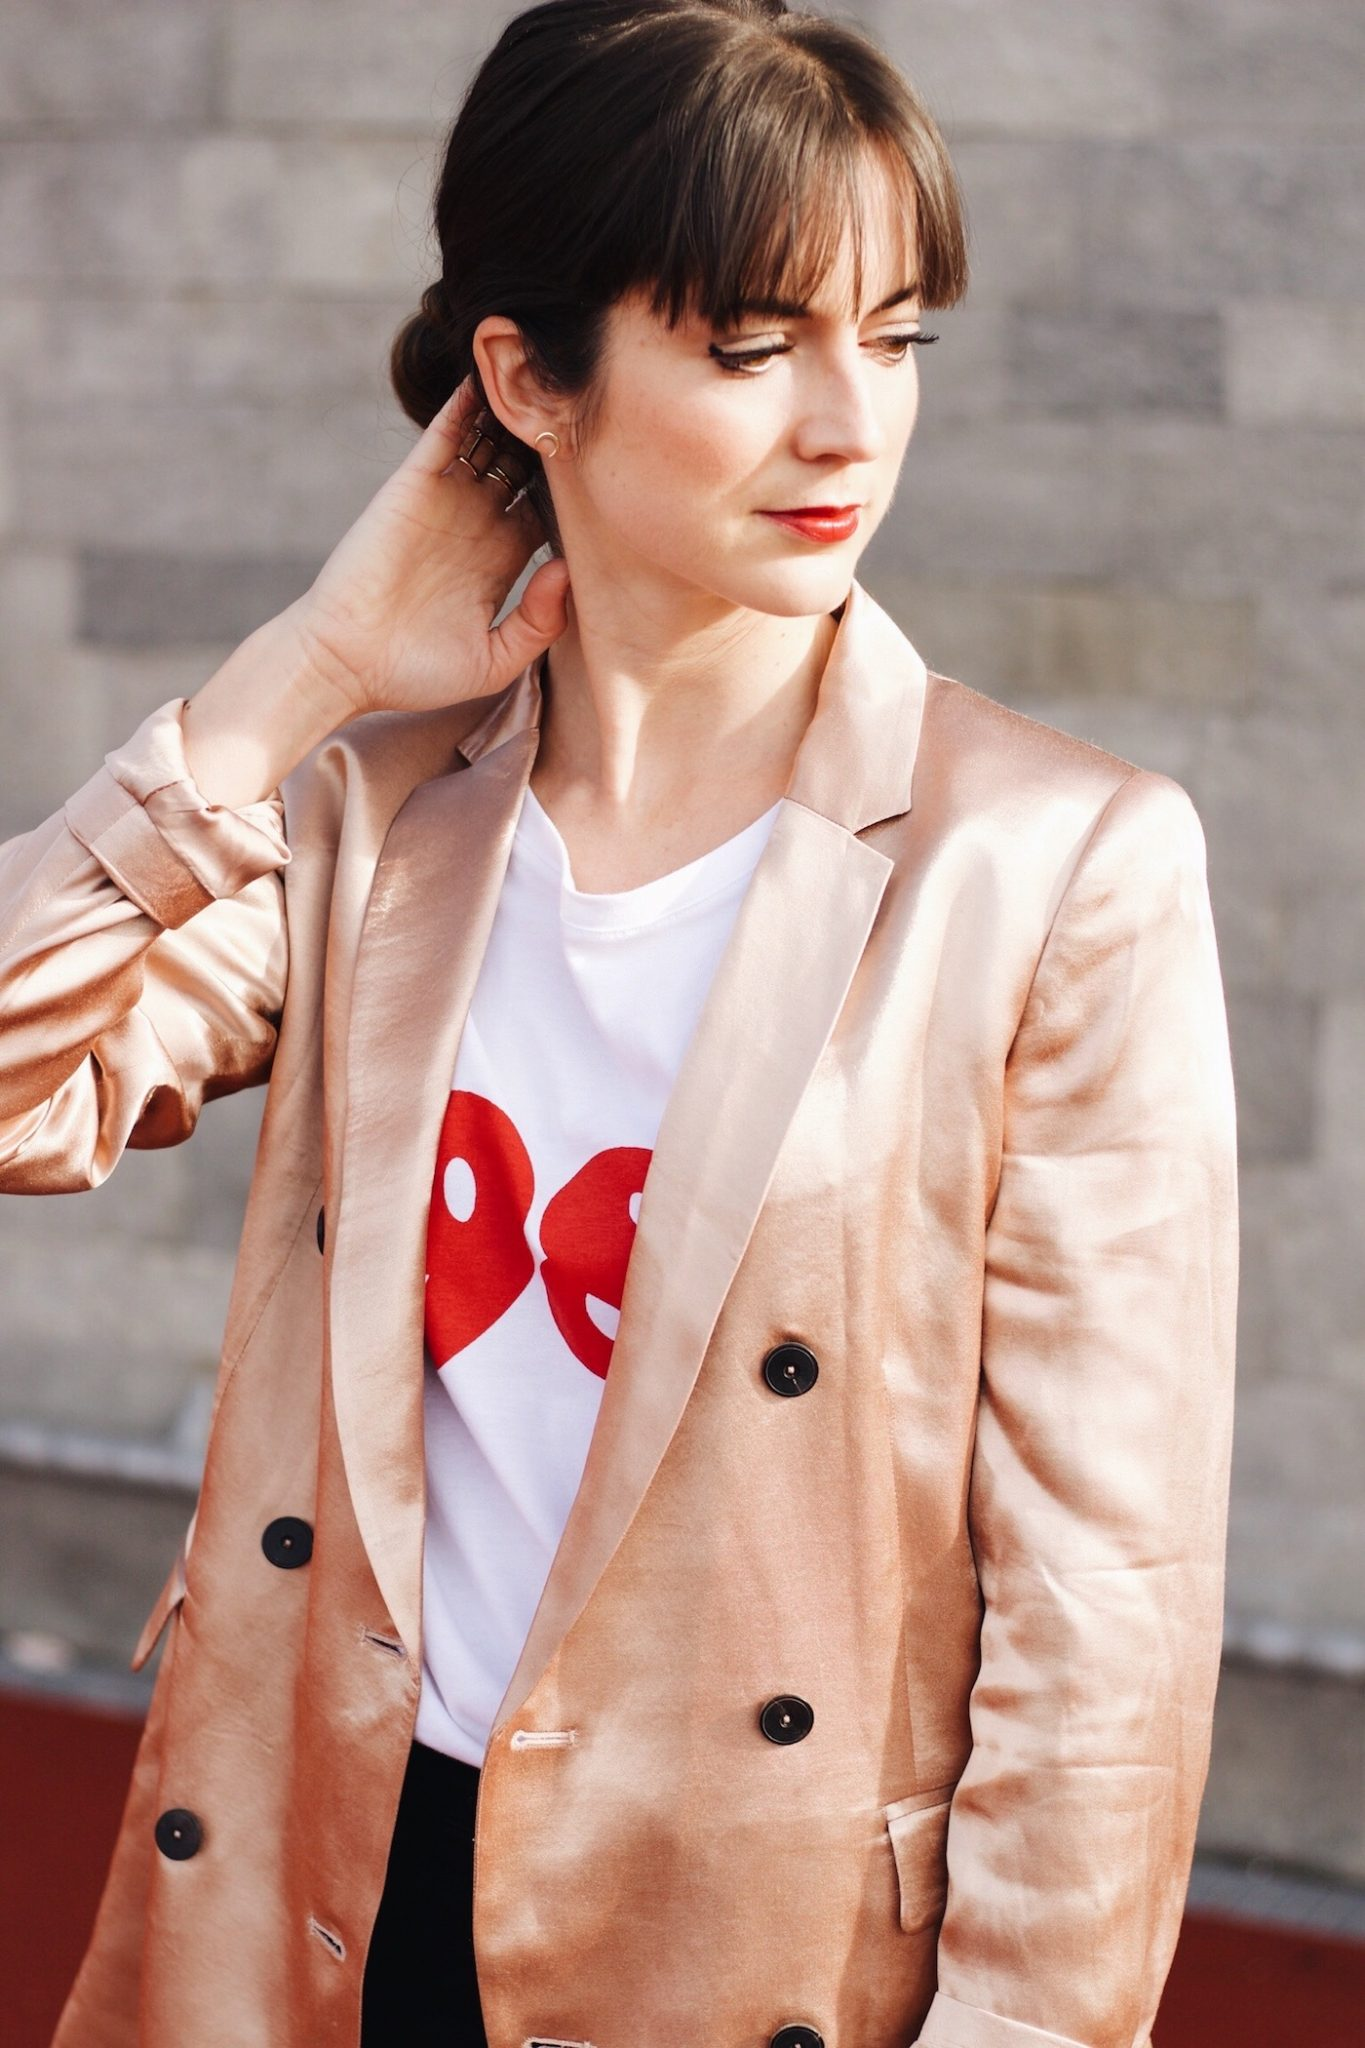 Der Metallic Trend kombiniert für meinen Modeblog